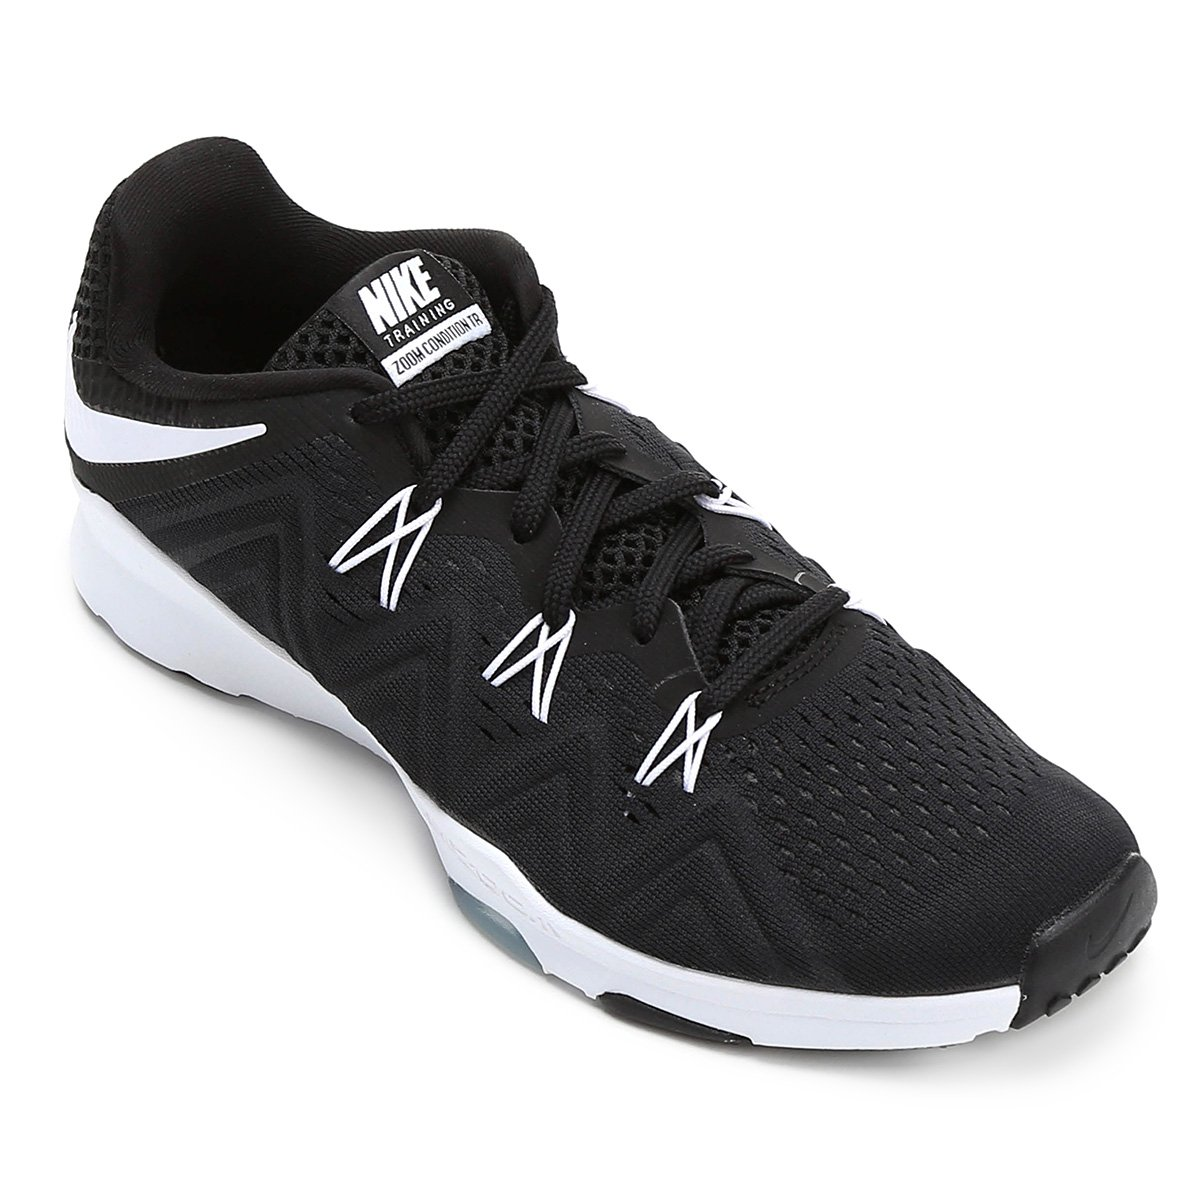 a9f1a49194 Tênis Nike Zoom Condition TR Feminino - Preto e Branco - Compre Agora